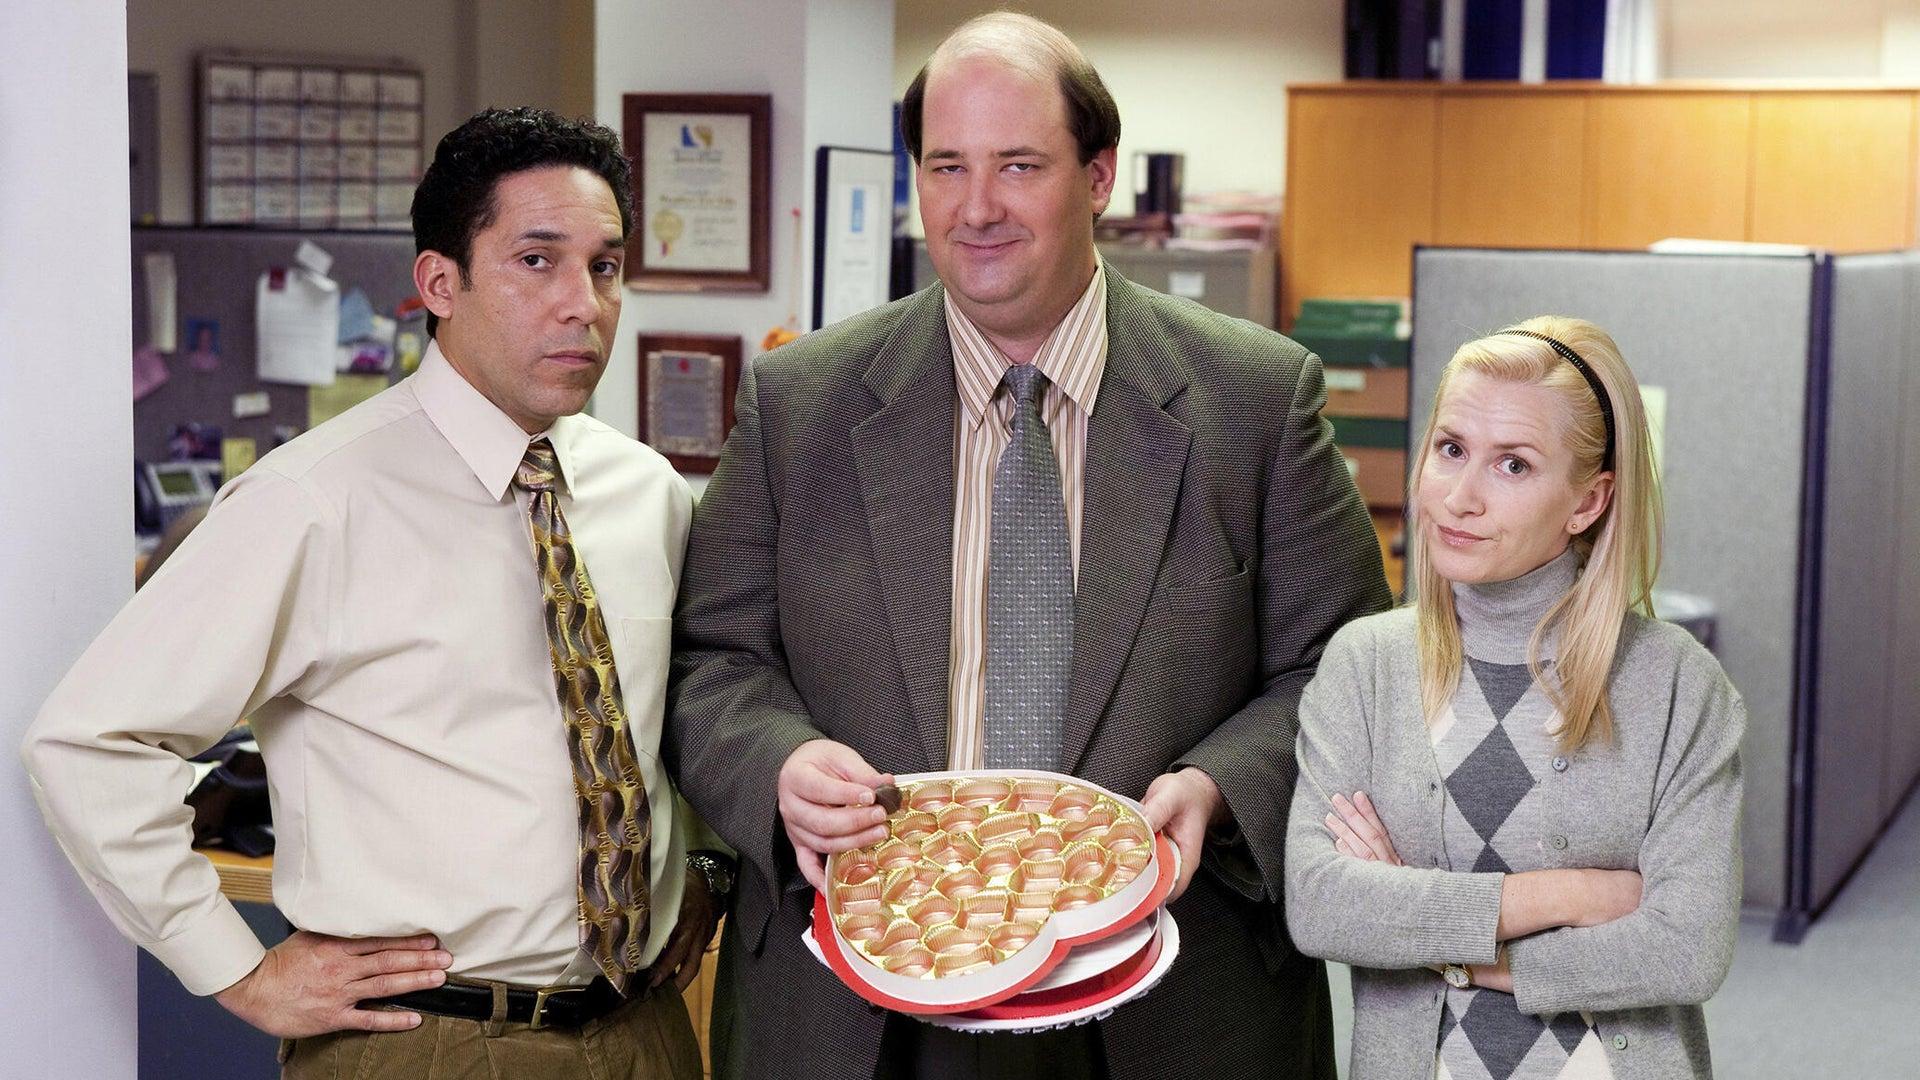 Oscar Nunez, Brian Baumgartner, and Angela Kinsey, The Office